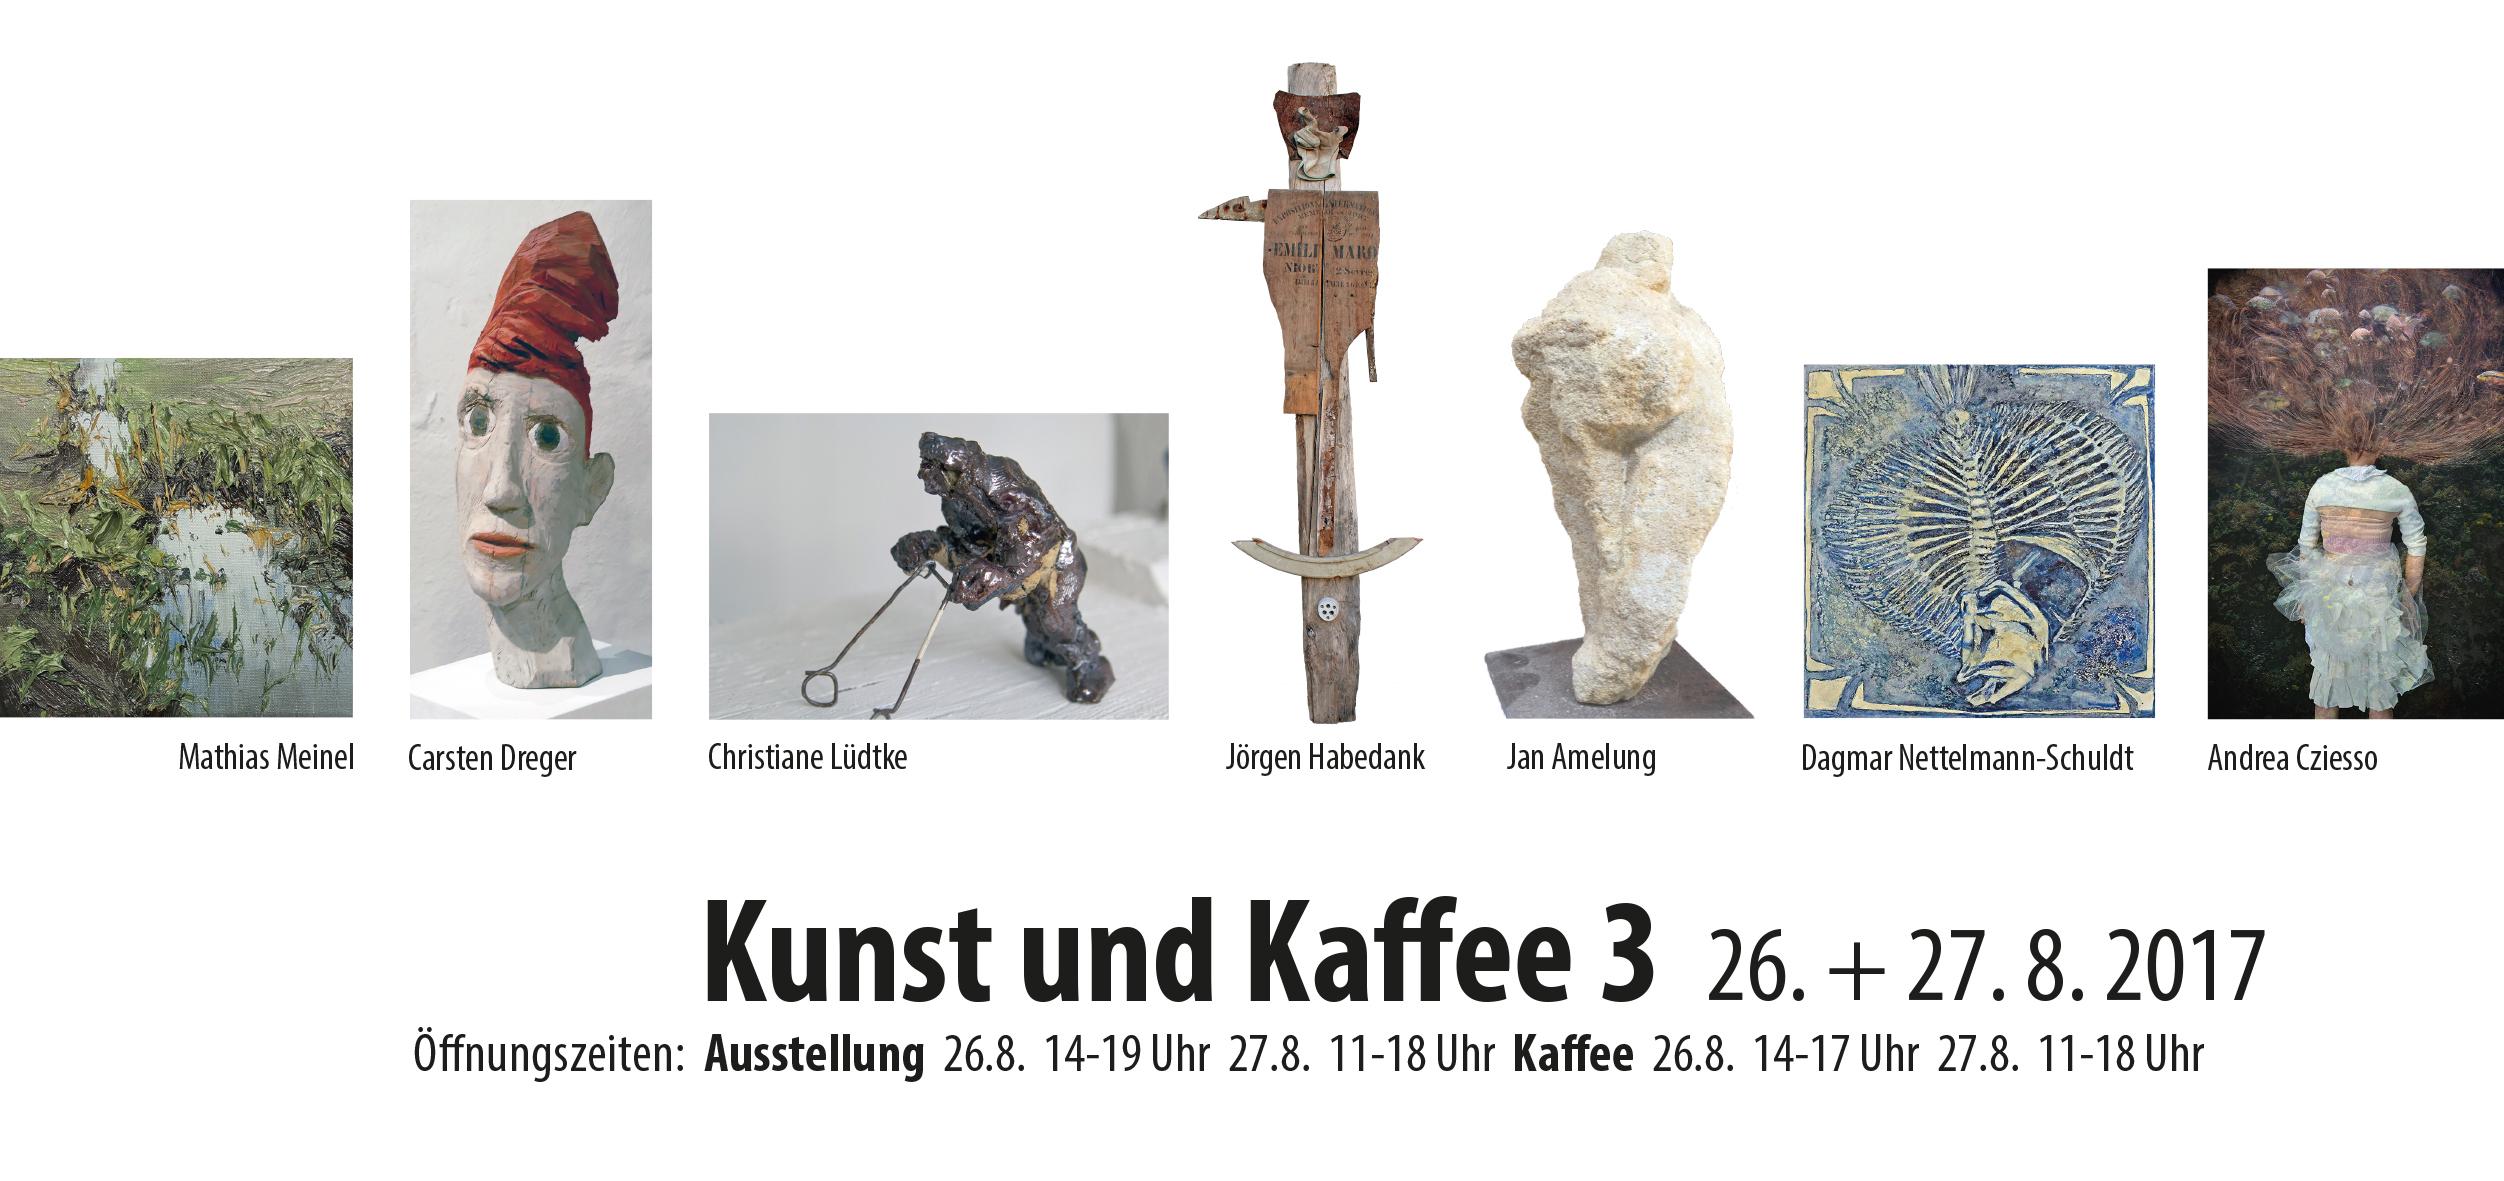 Kunst und Kaffee 3 Titel 2